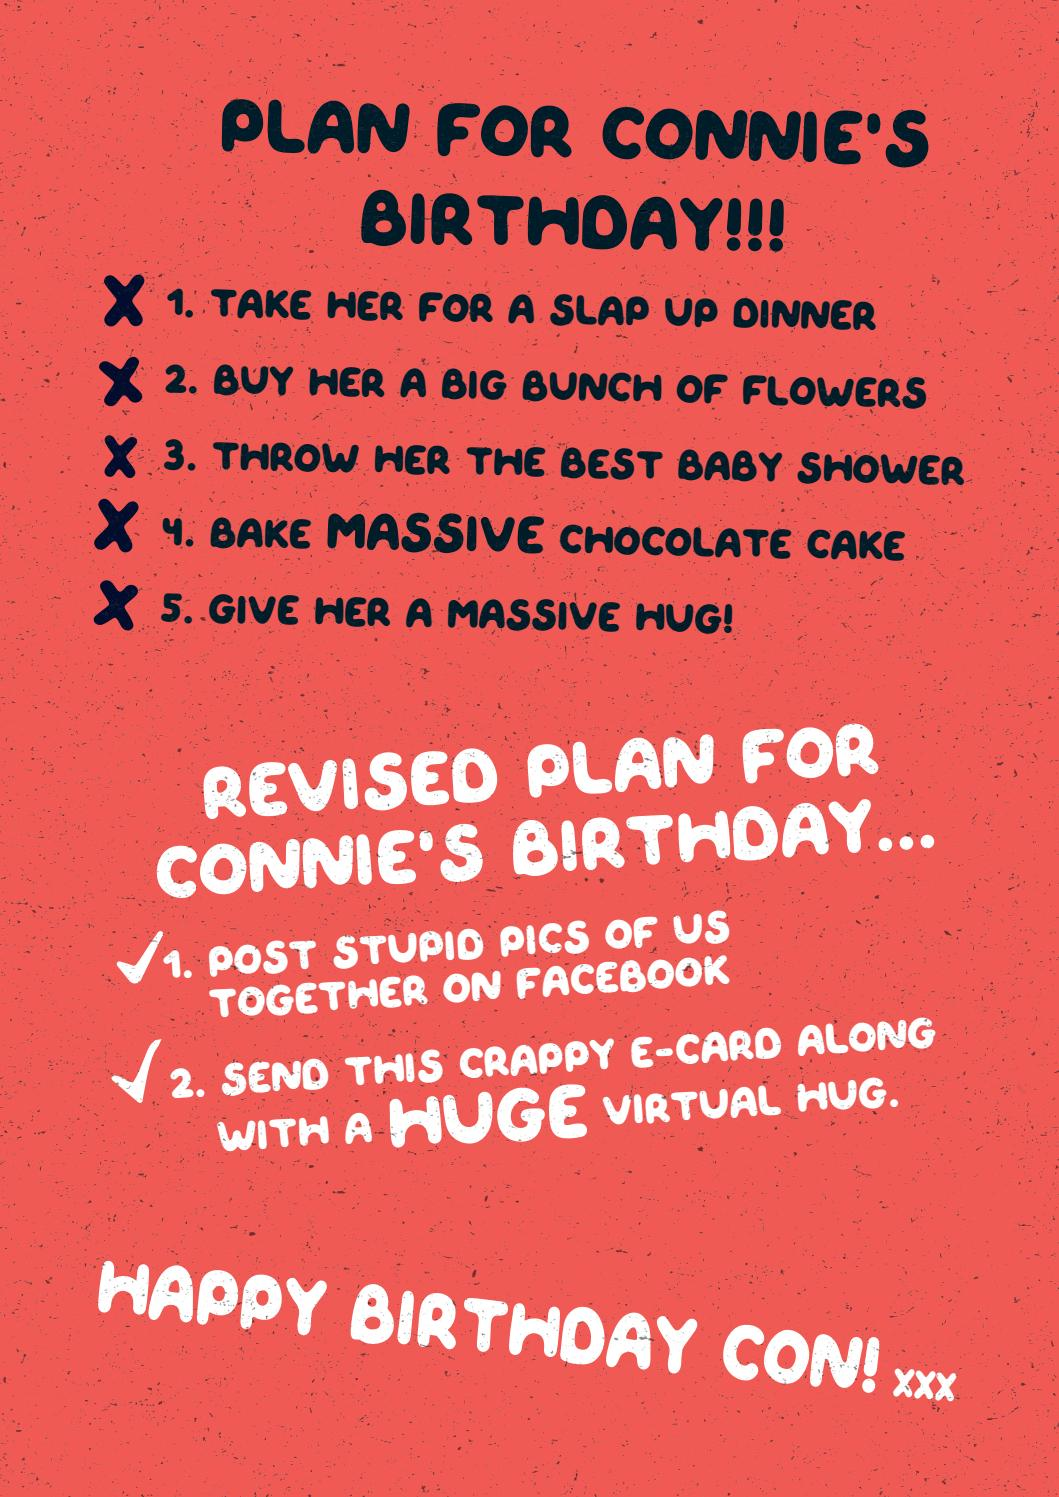 Happy Birthday Connie By Gordon Ramsgate Issuu